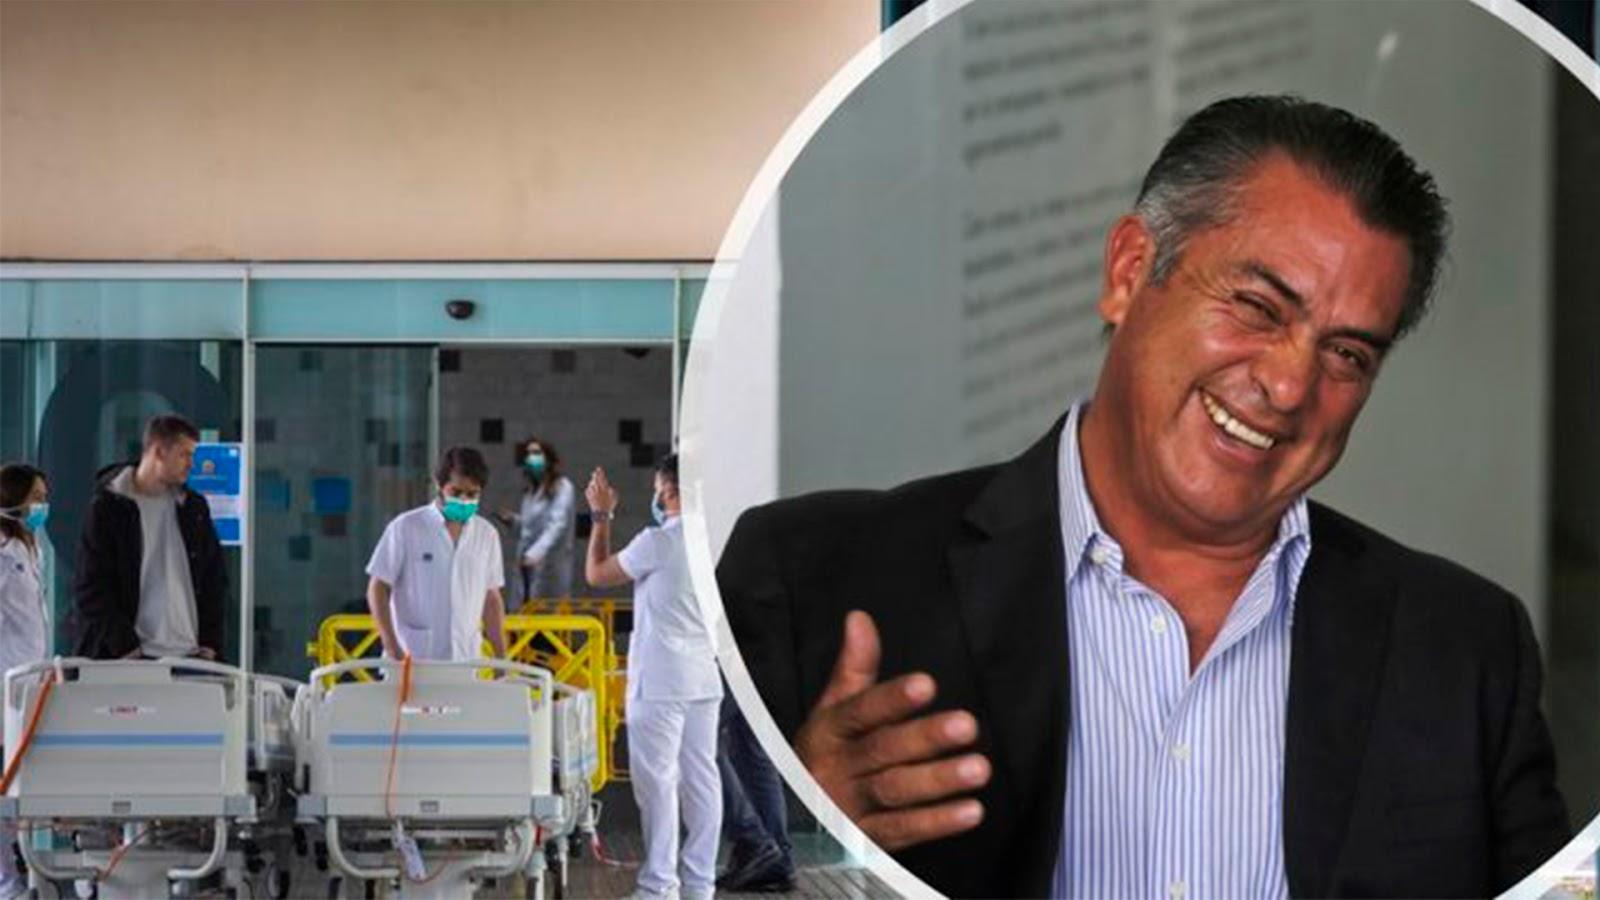 Bronco ordenó apertura comercial desde mayo; saturó hospitales y cansó al personal médico